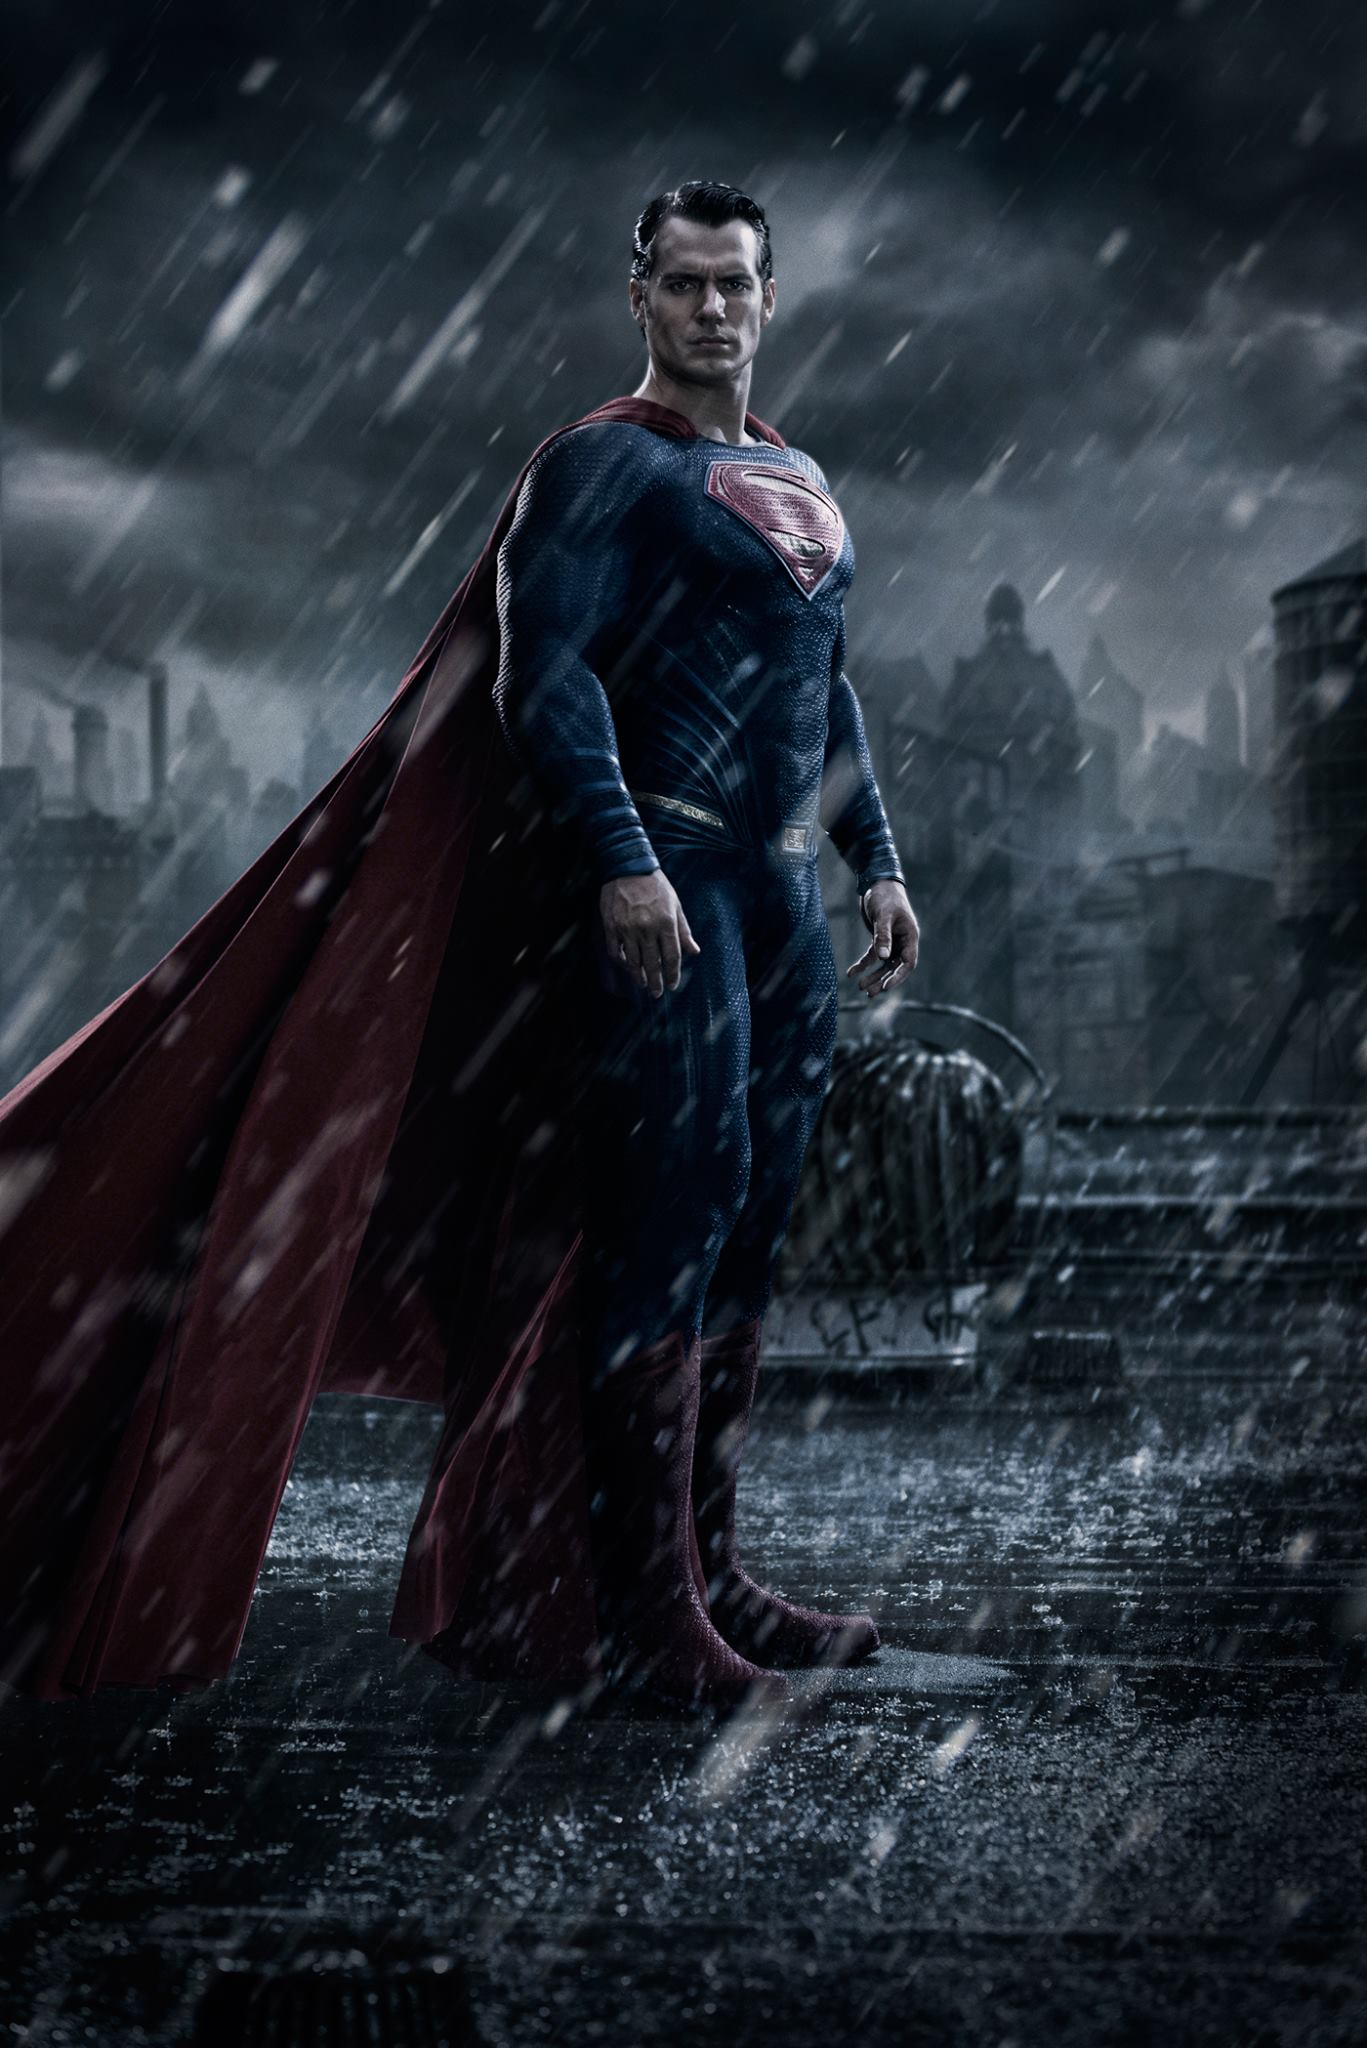 batman vs superman photo officielle